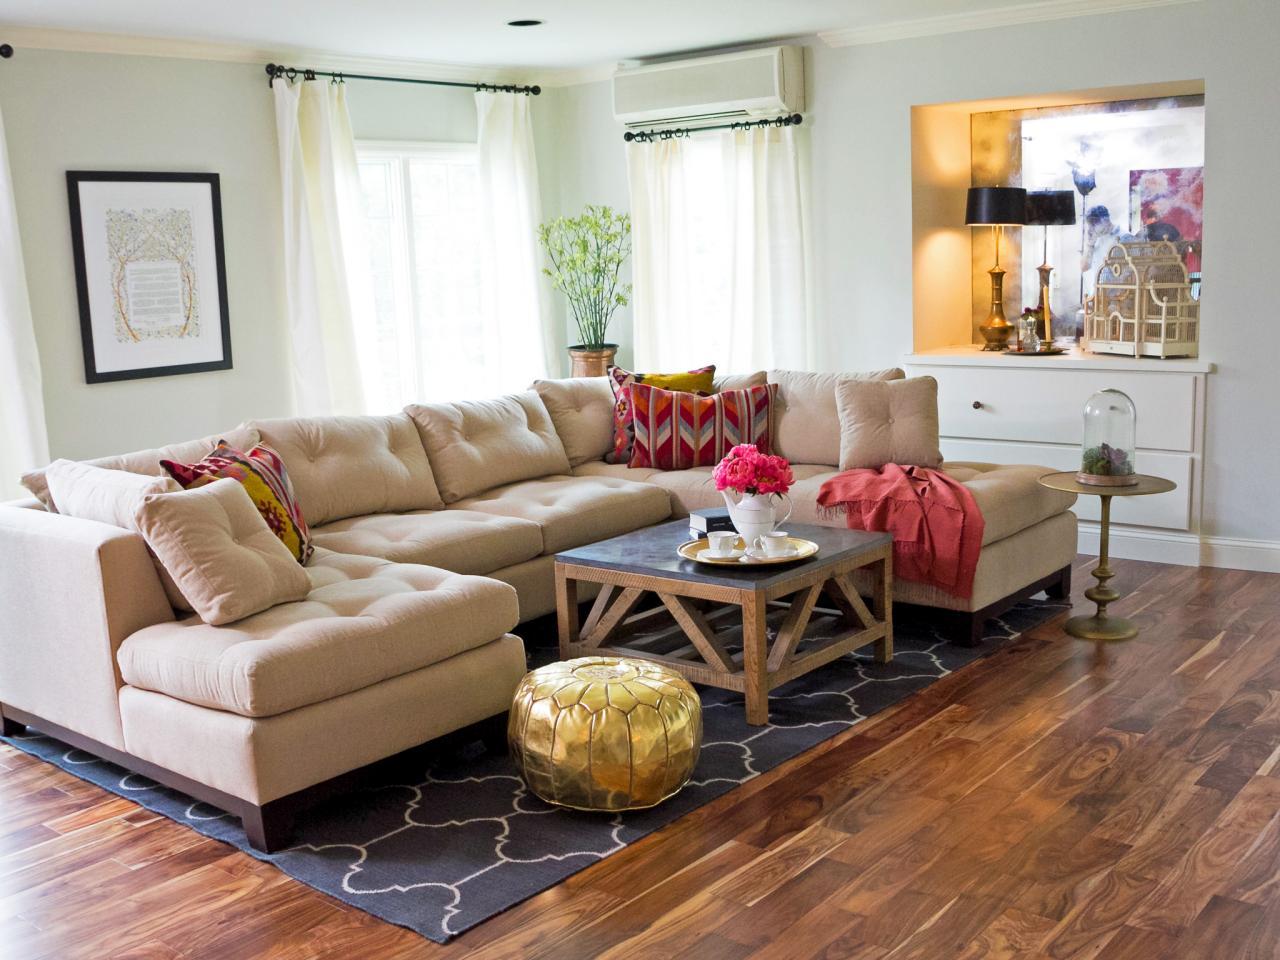 休闲美式客厅 布艺沙发效果图